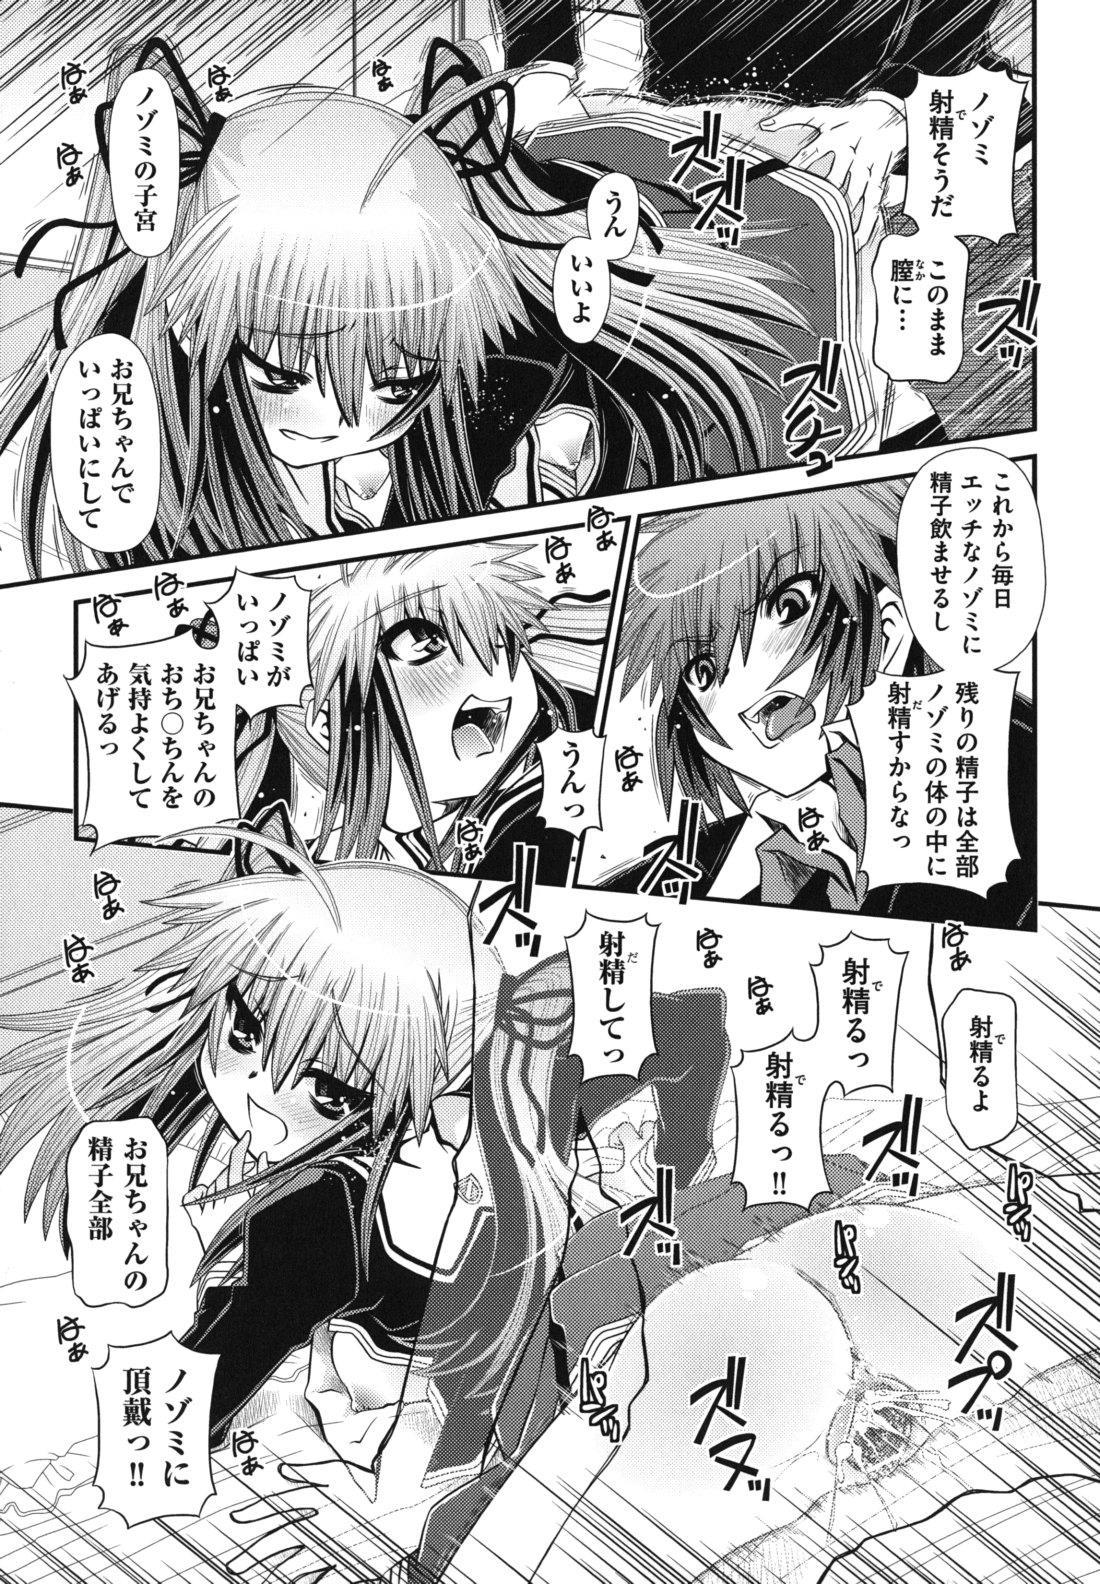 Twintail de Kneesocks no Onnanoko tachi ga Kyakkya de Ufufu♥ 49